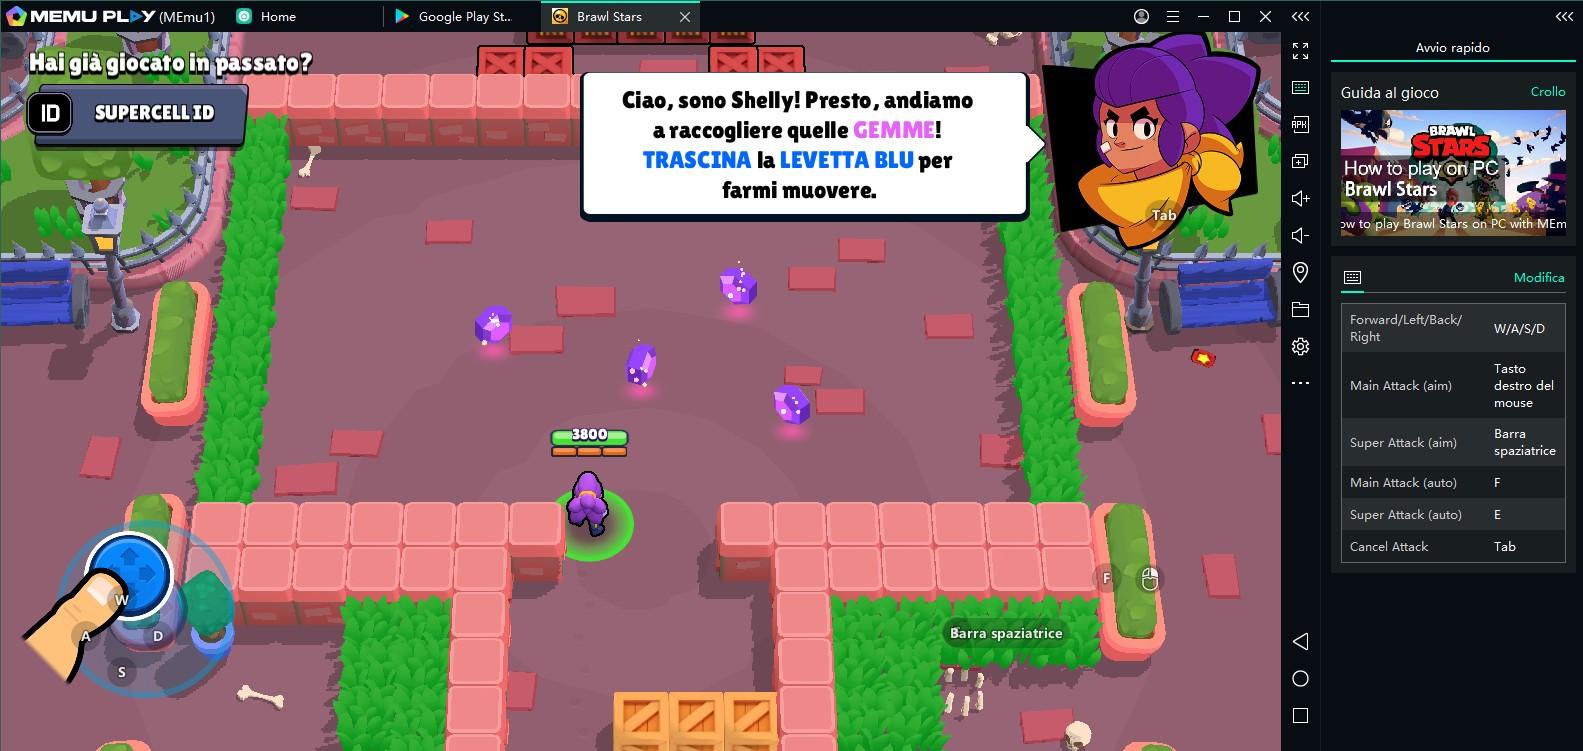 Scarica e gioca al Brawl Stars su PC